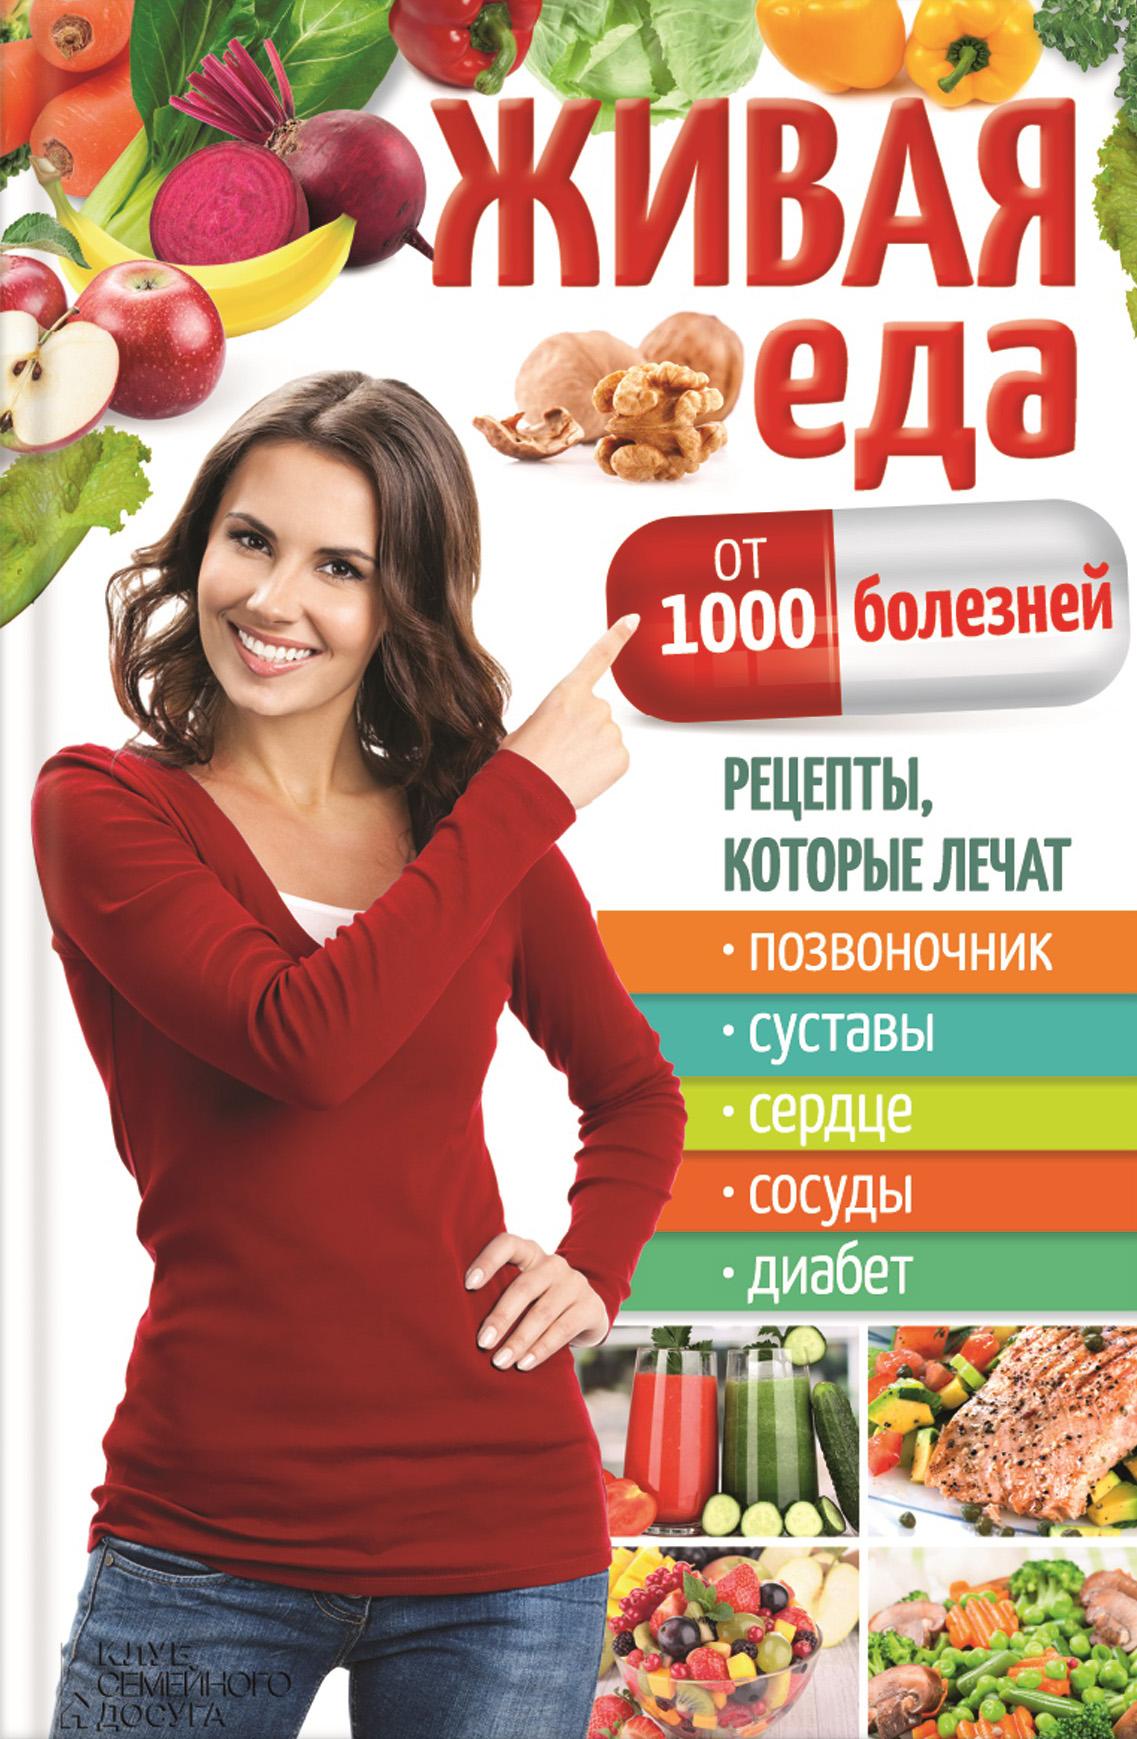 Юрий Пернатьев «Живая еда от 1000 болезней. Рецепты, которые лечат позвоночник, суставы, сердце, сосуды, диабет»